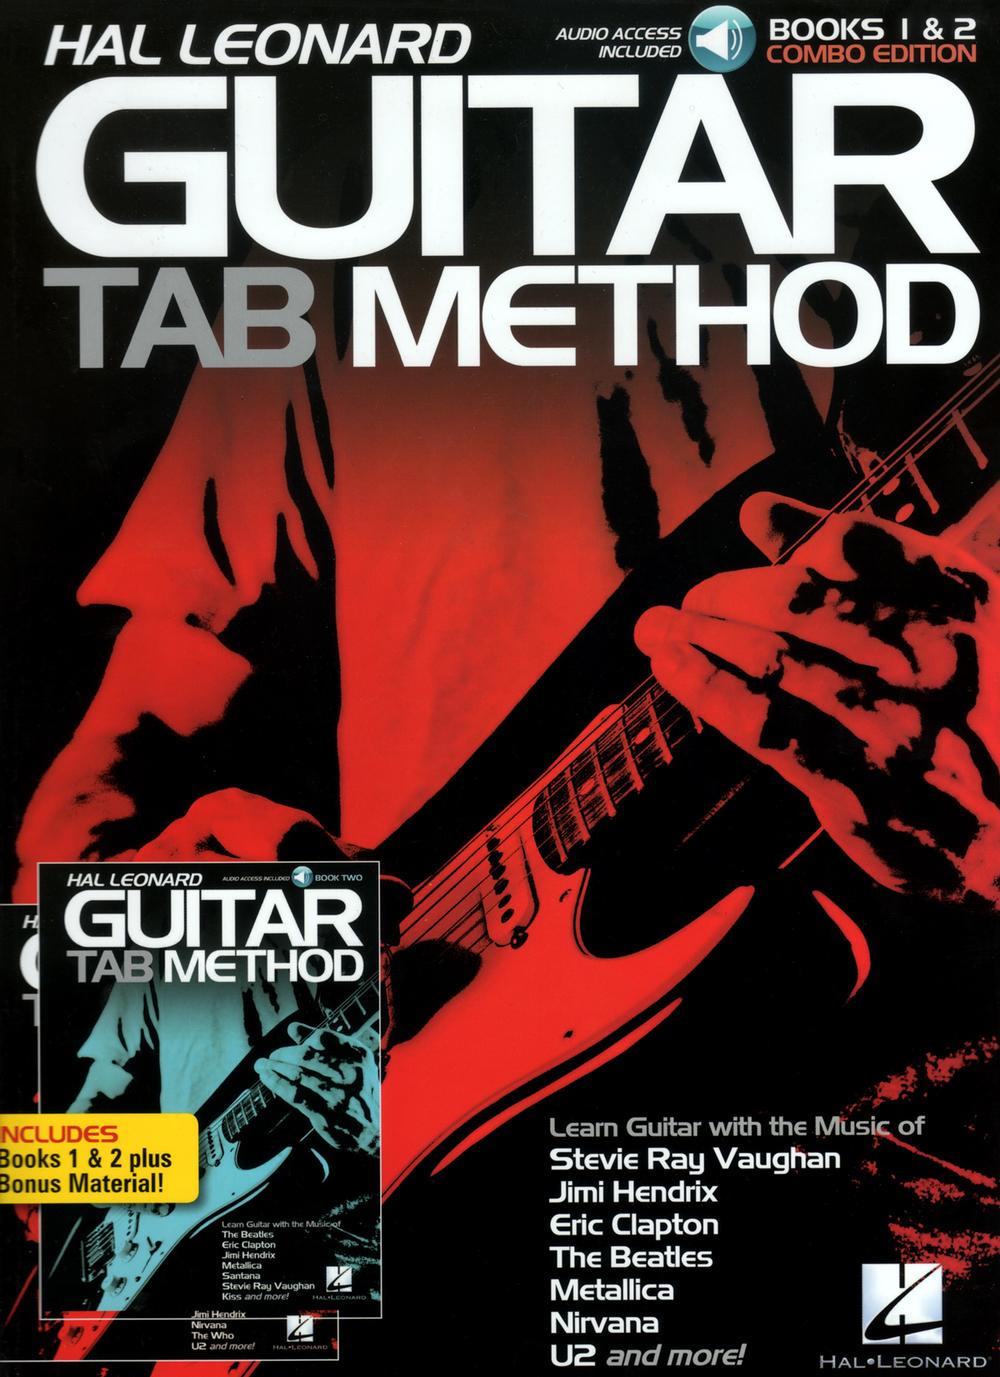 Hal Leonard Guitar Tab Method – Books 1and 2 Combo Edition